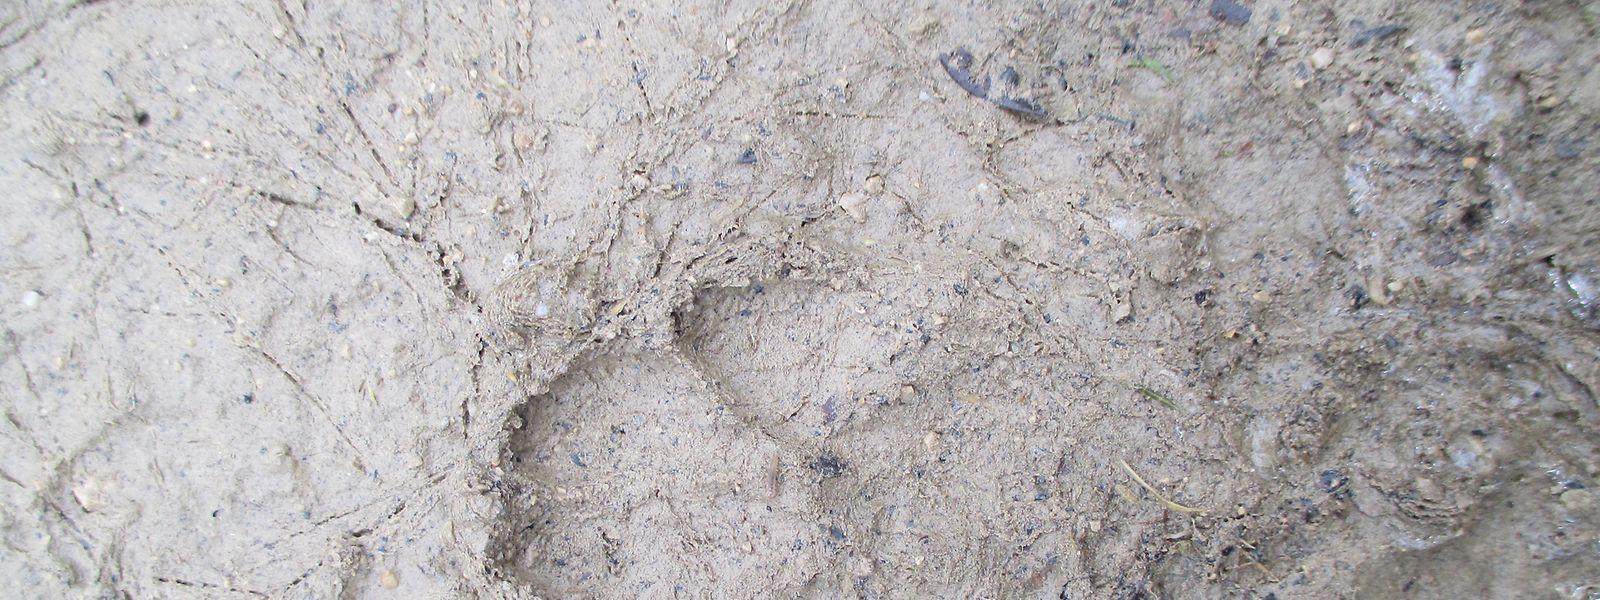 Wenn der Waldboden so matschig ist wie jetzt, könnten vielleicht Trittspuren zu sehen sein.